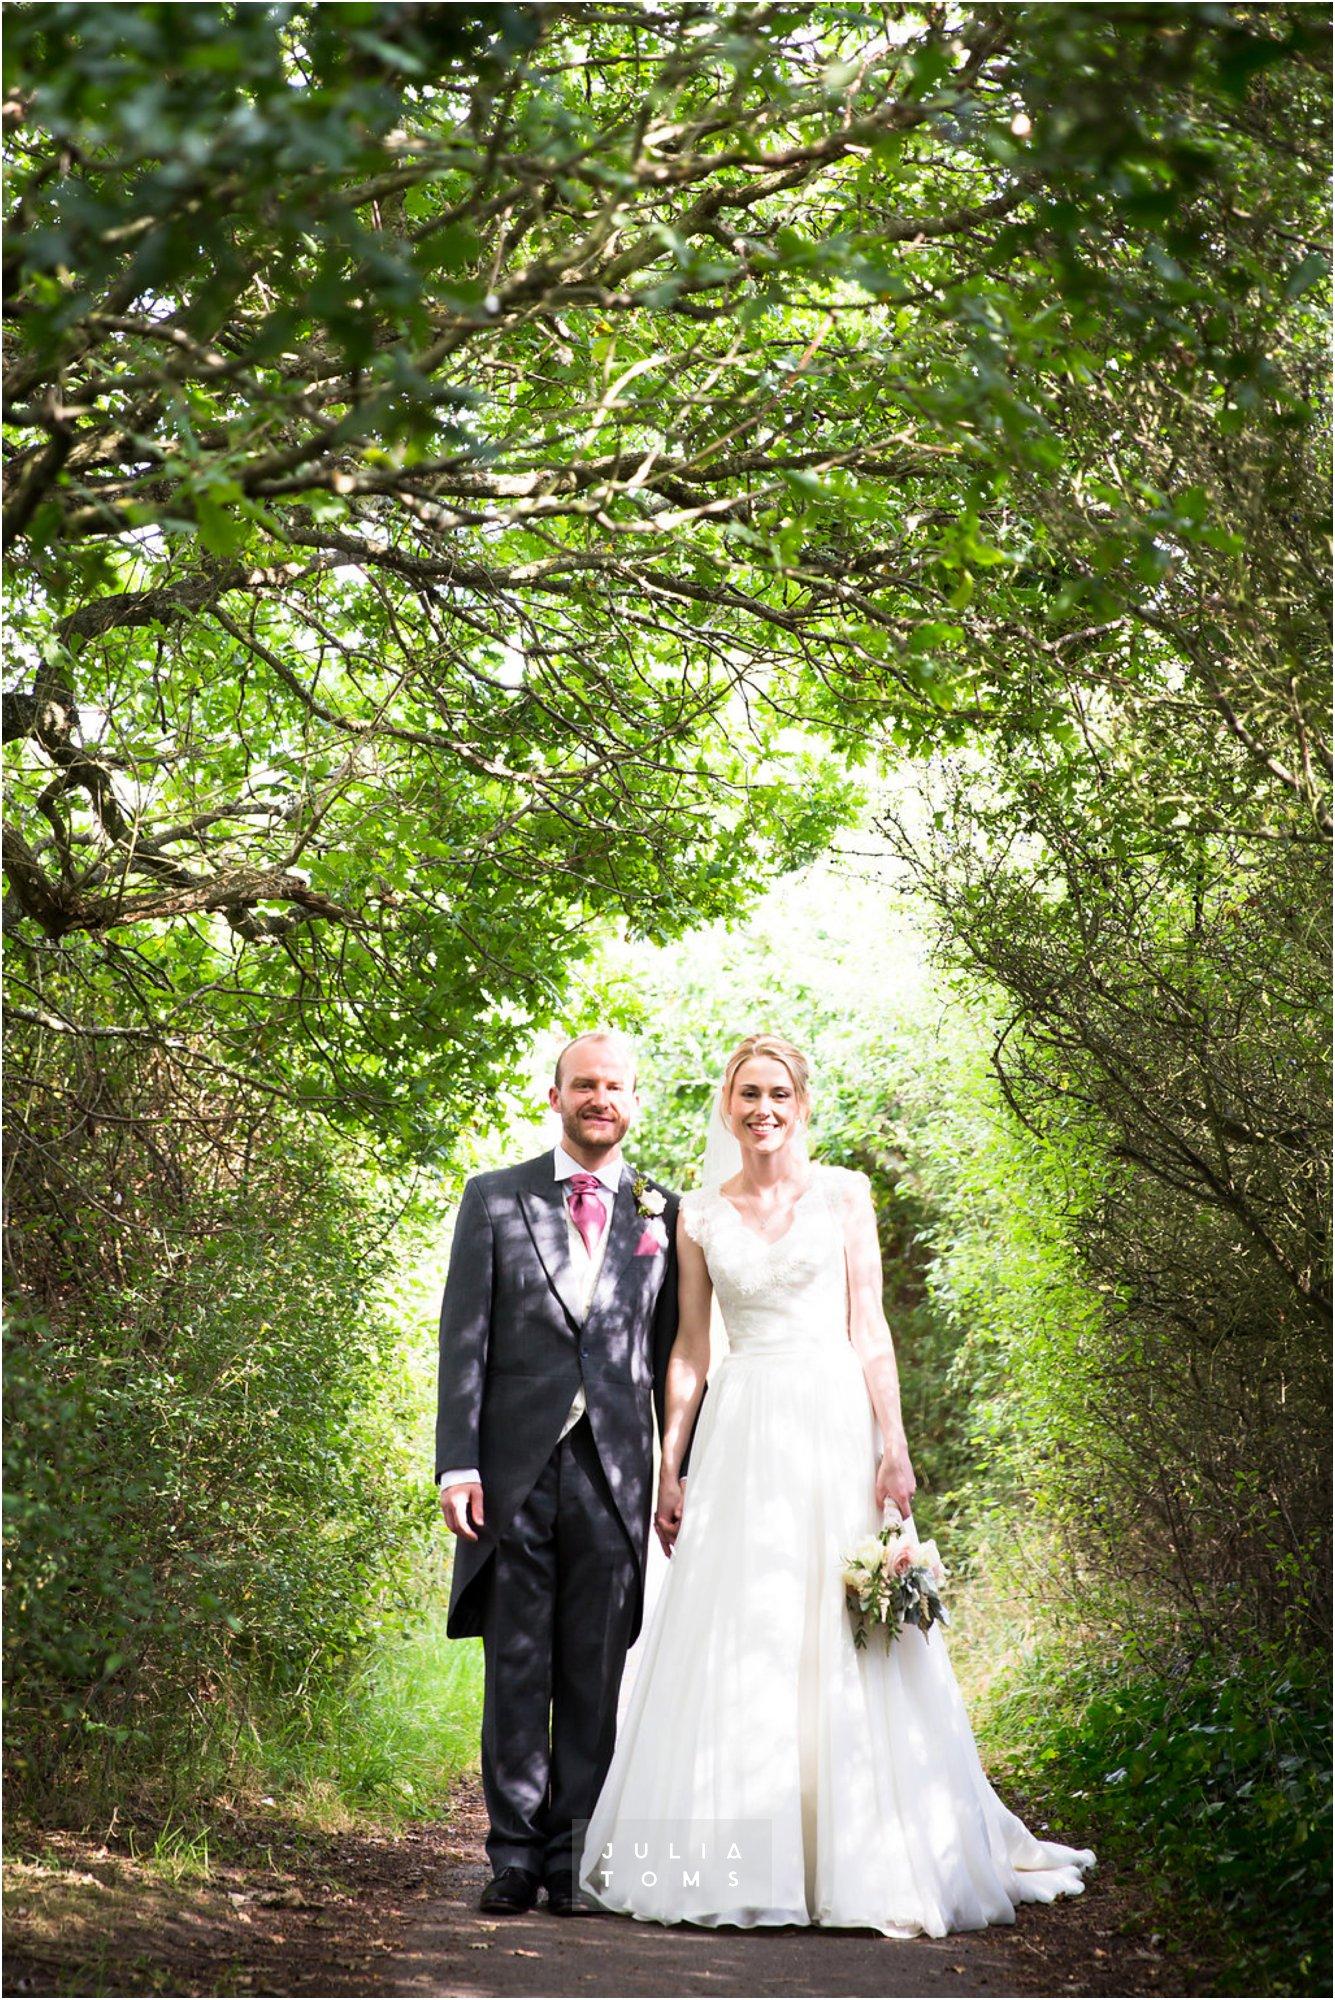 itchenor_wedding_chichester_photographer_041.jpg